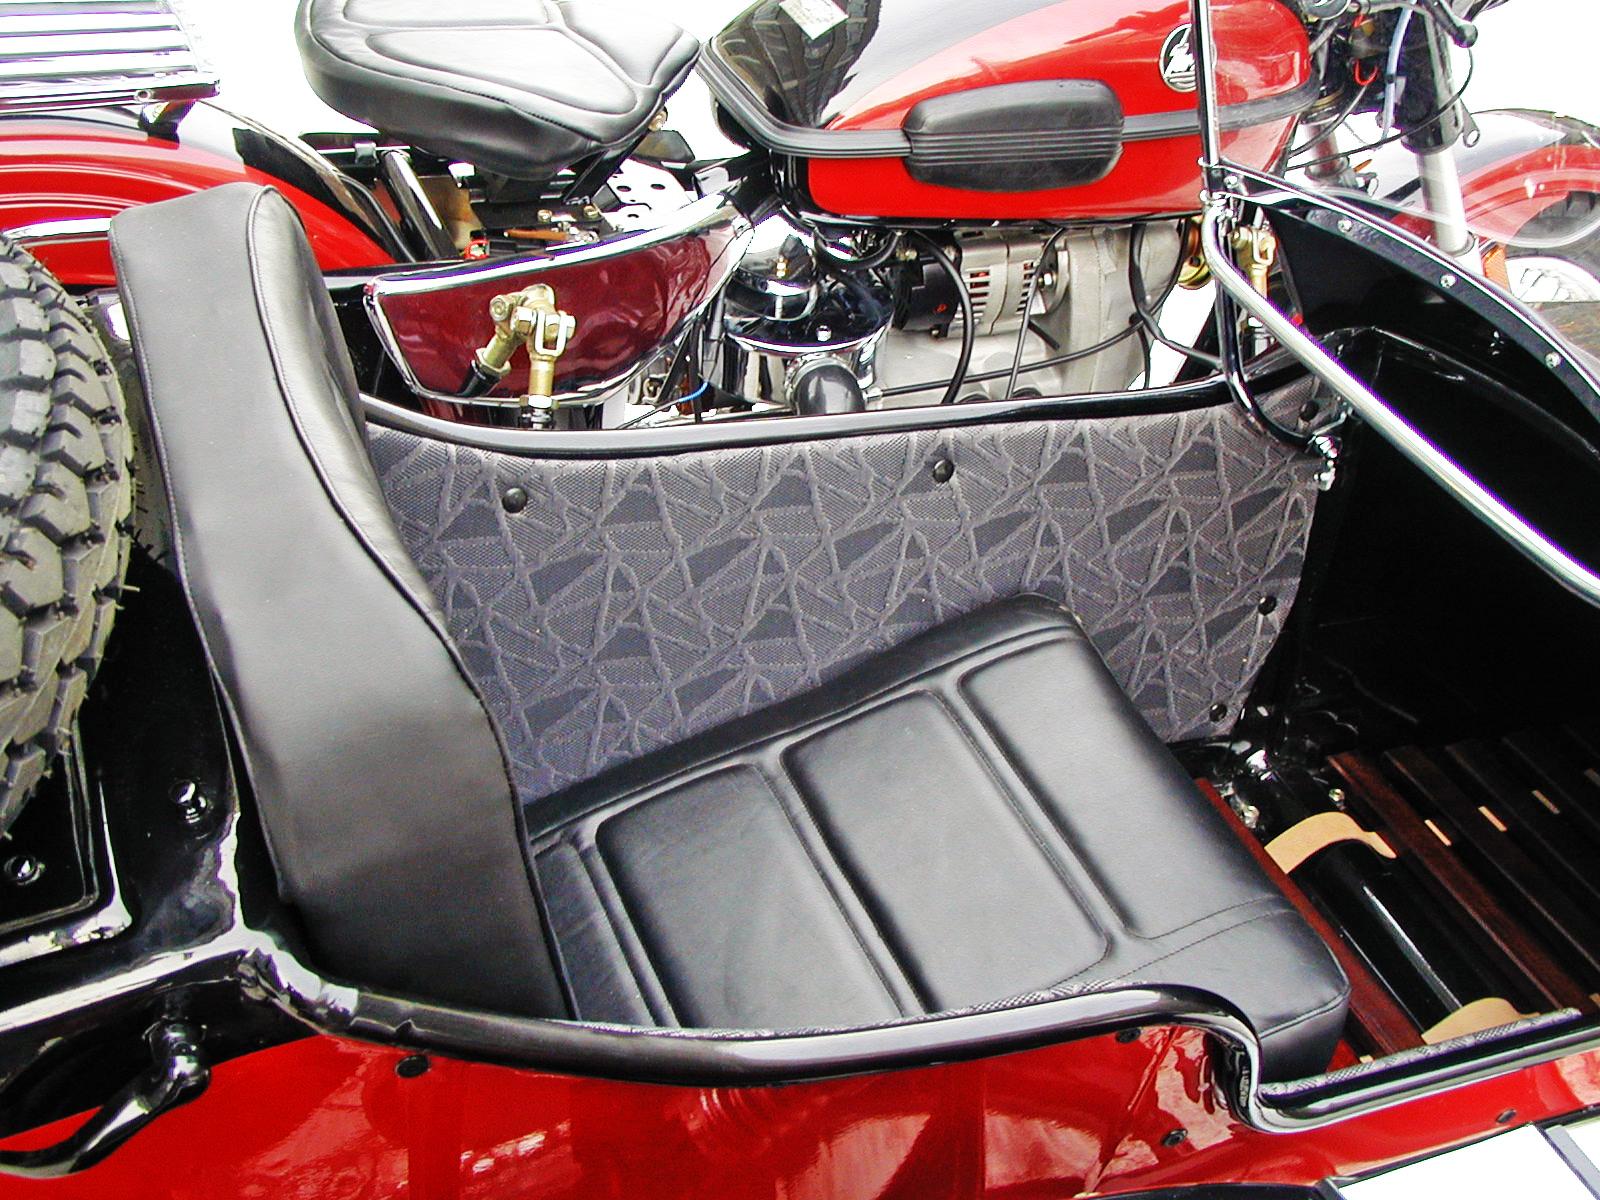 30 примеров шикарного тюнинга мотоцикла «Урал» (31 фото)